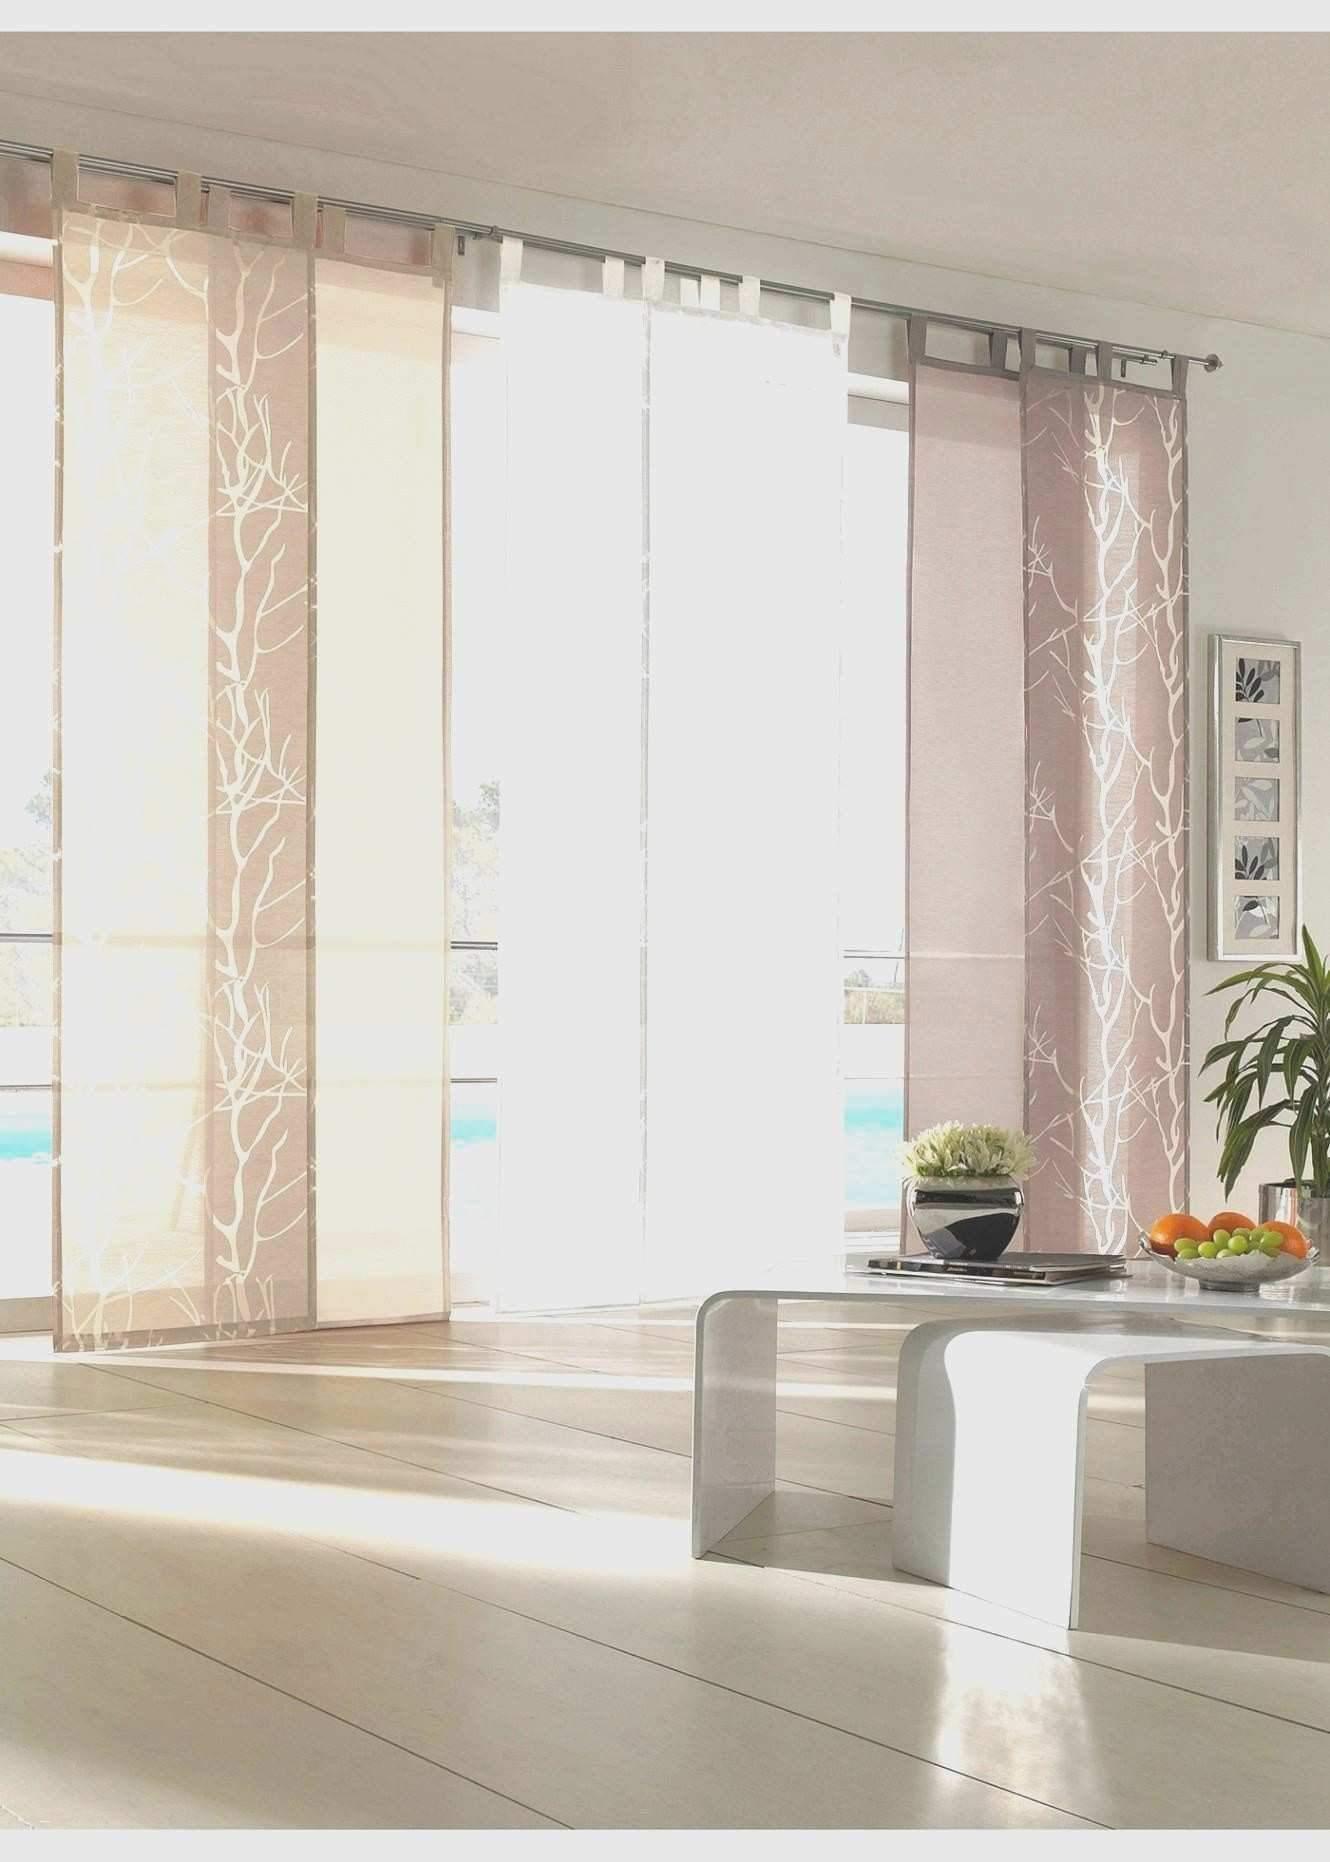 wohnung design heizkorper wohnzimmer elegant elegant moderne heizkorper wohnzimmer of wohnung design heizkorper wohnzimmer